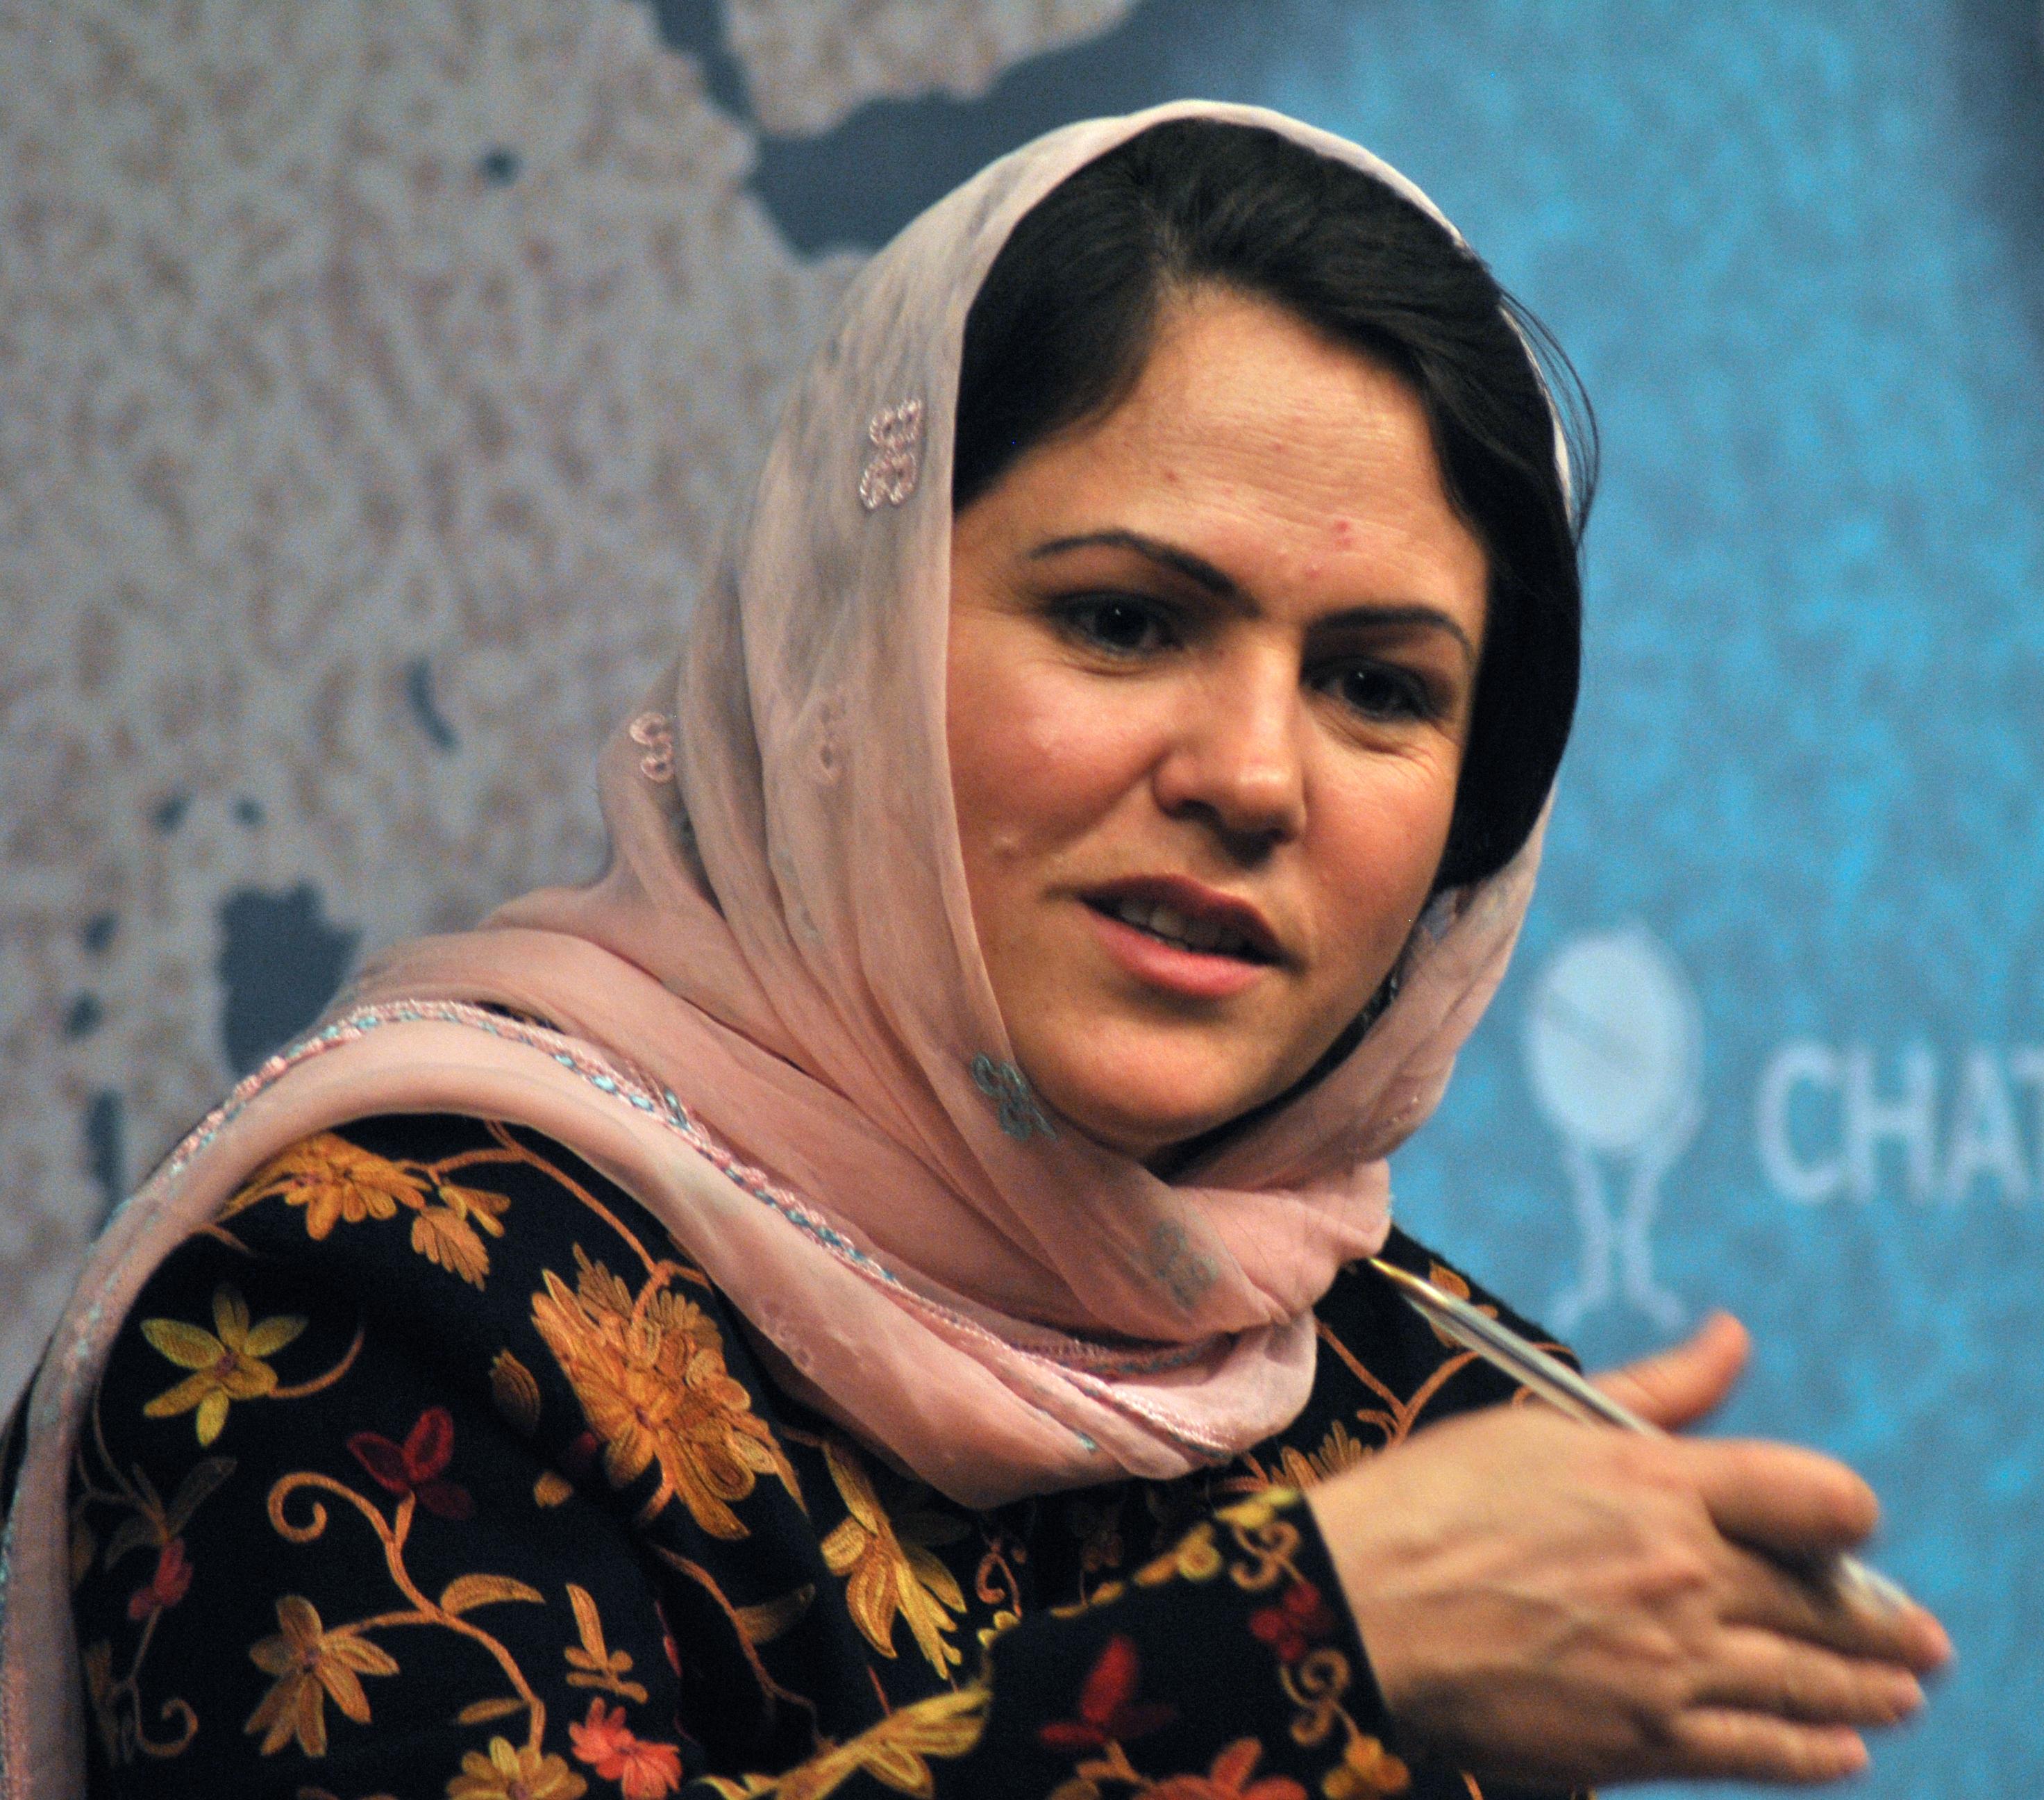 Fawzia Koofi: A Voice for Afghan Women